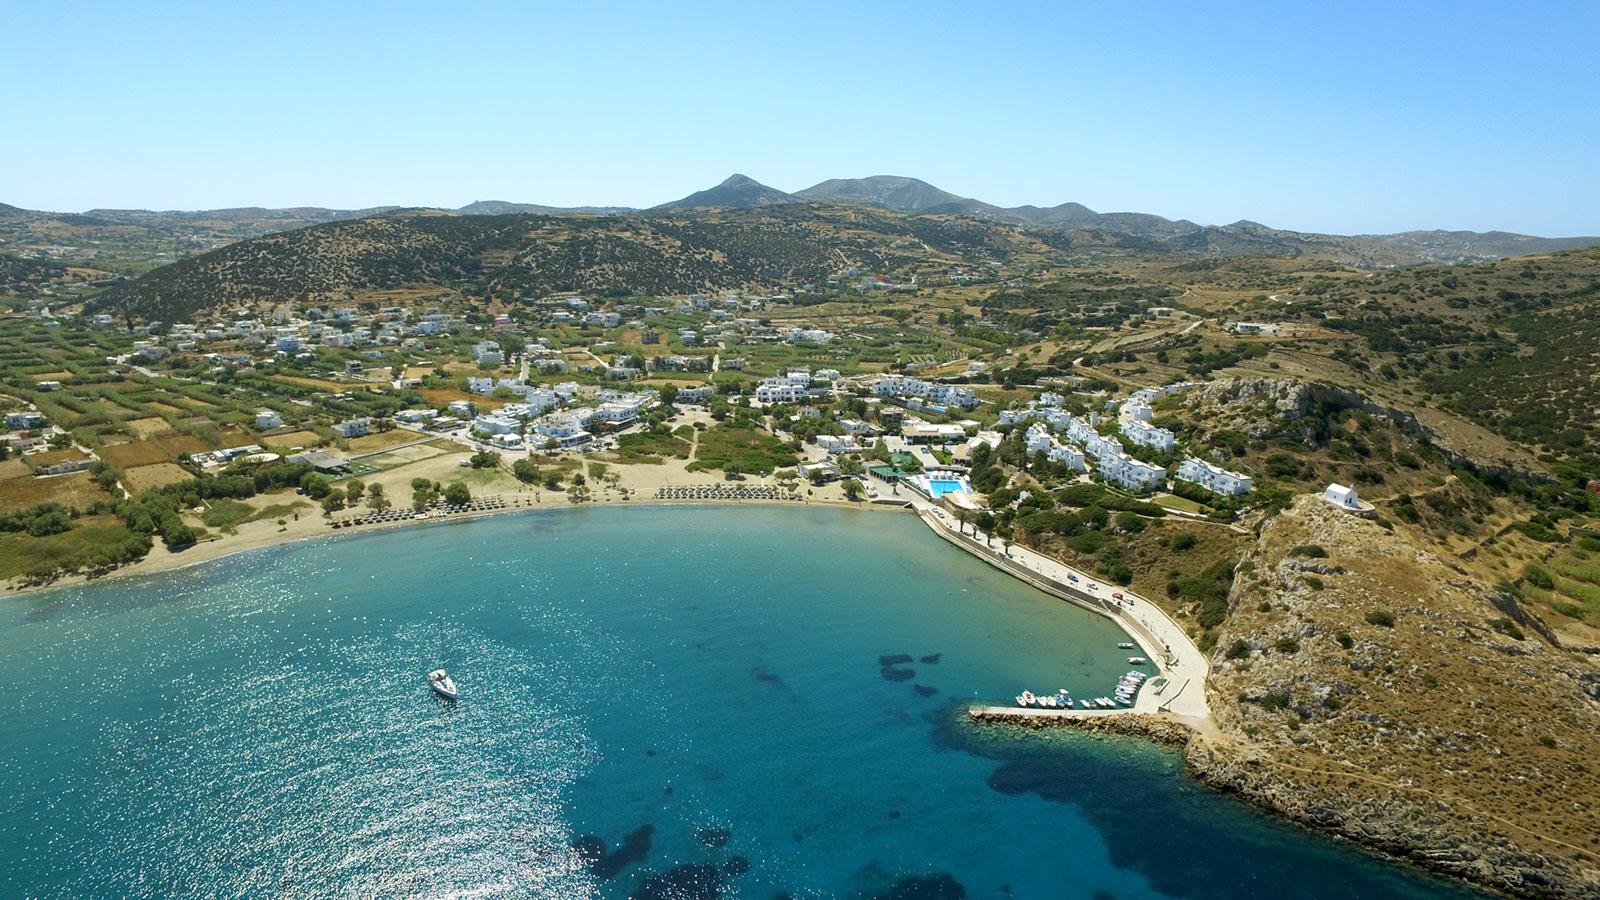 dolphin-bay-syros-aerial